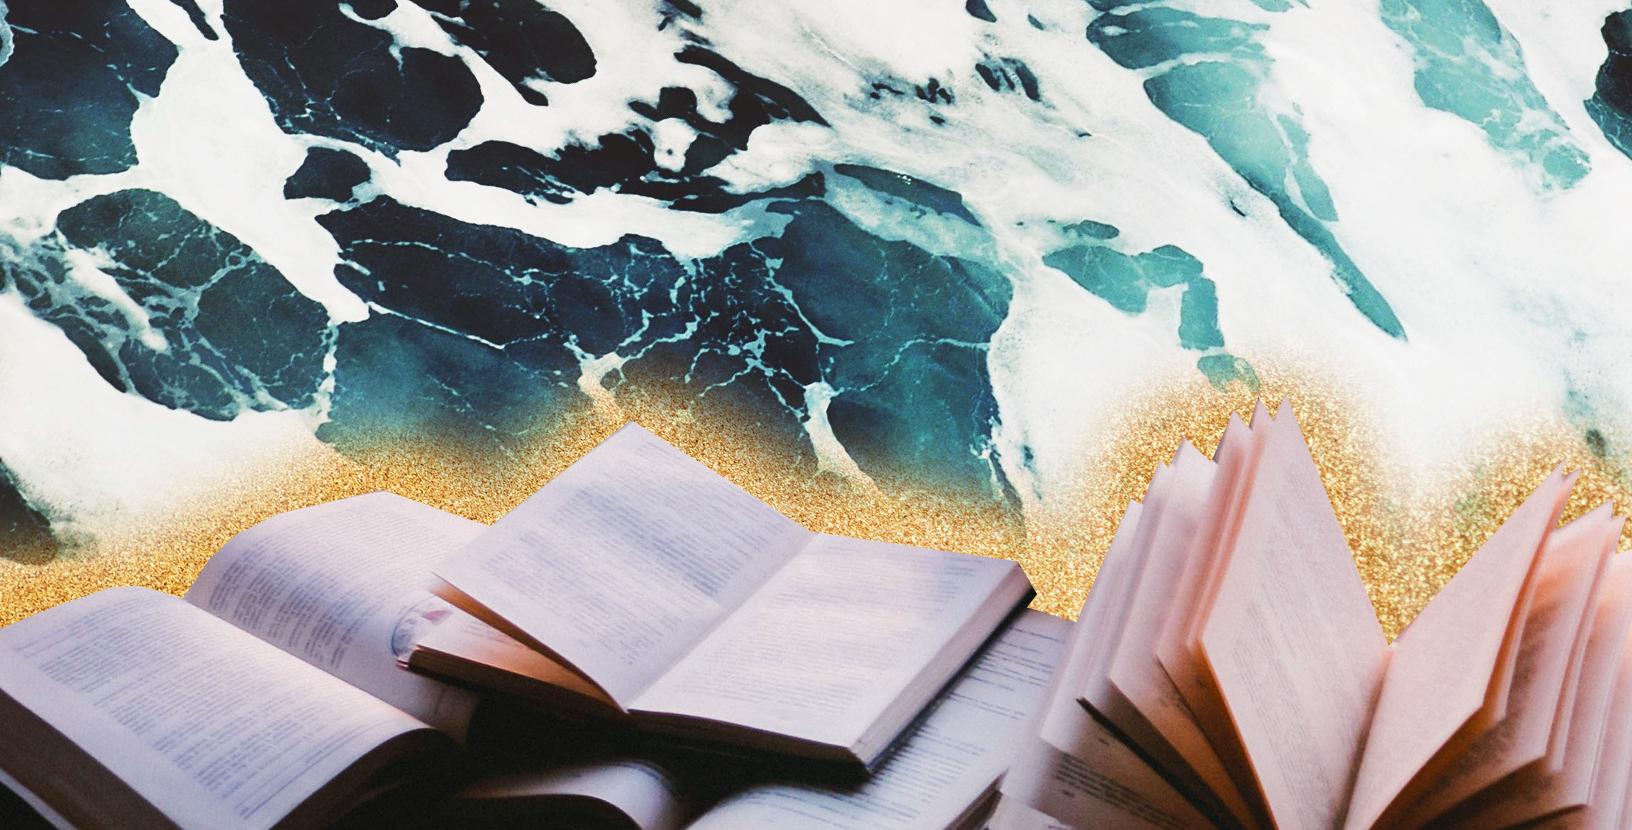 Cosa leggere in vacanza? Facile, i libri di viaggio più belli di sempre